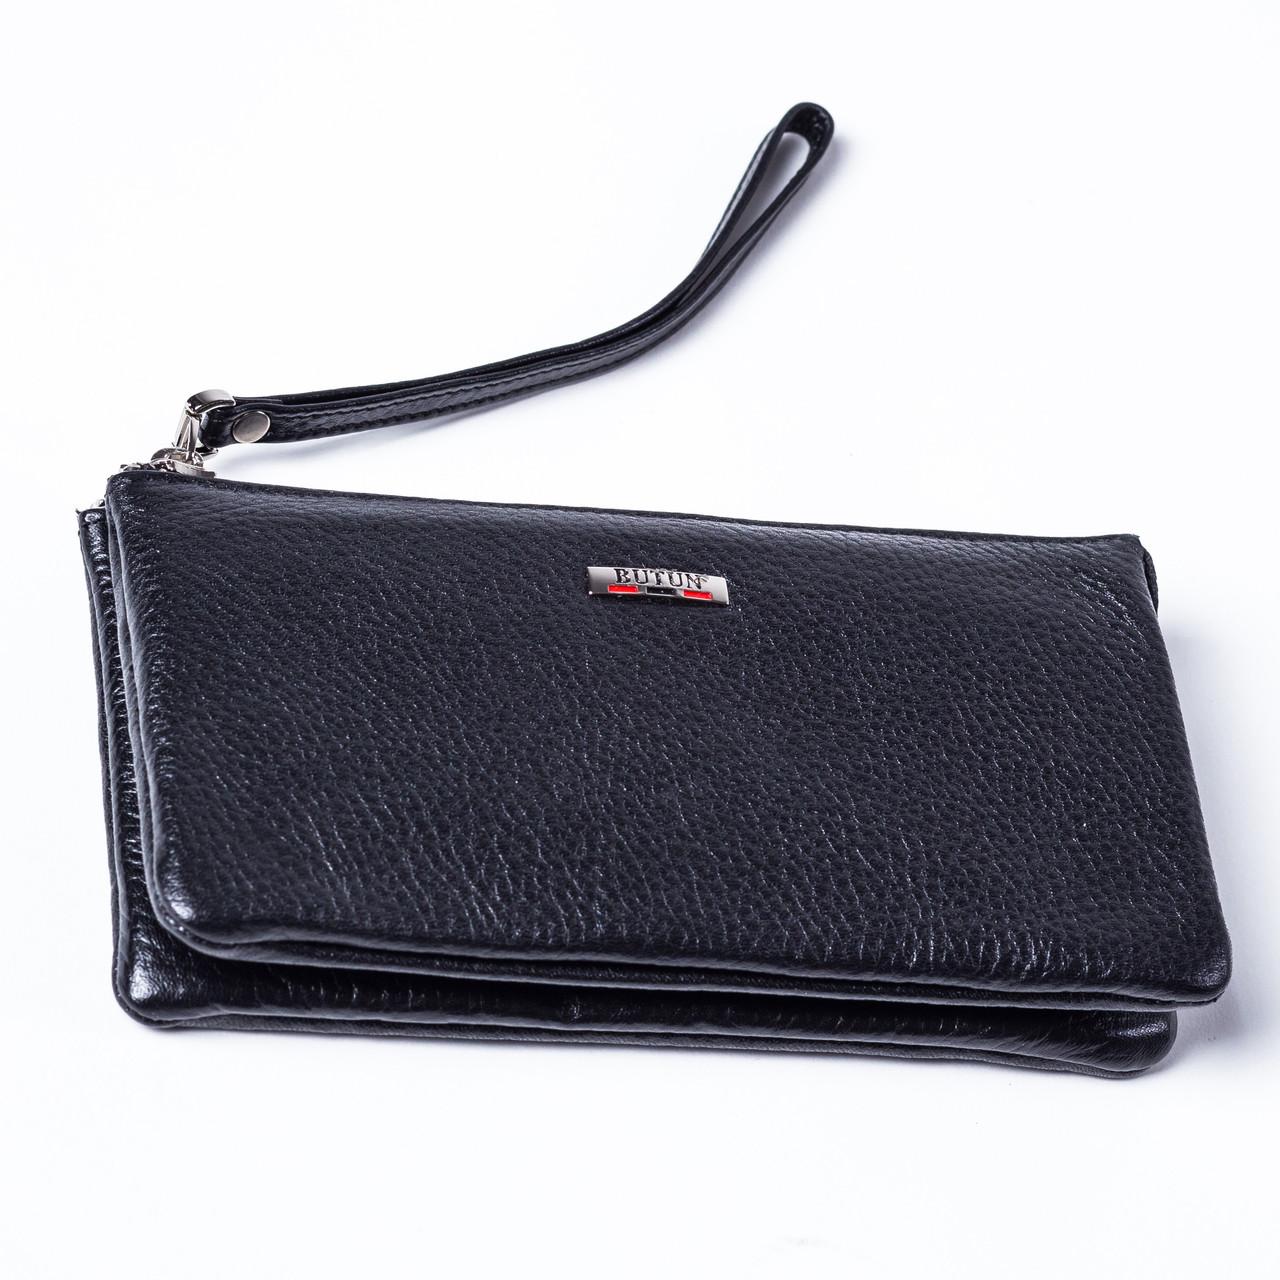 Женский кошелек Butun 662-004-001 кожаный черный